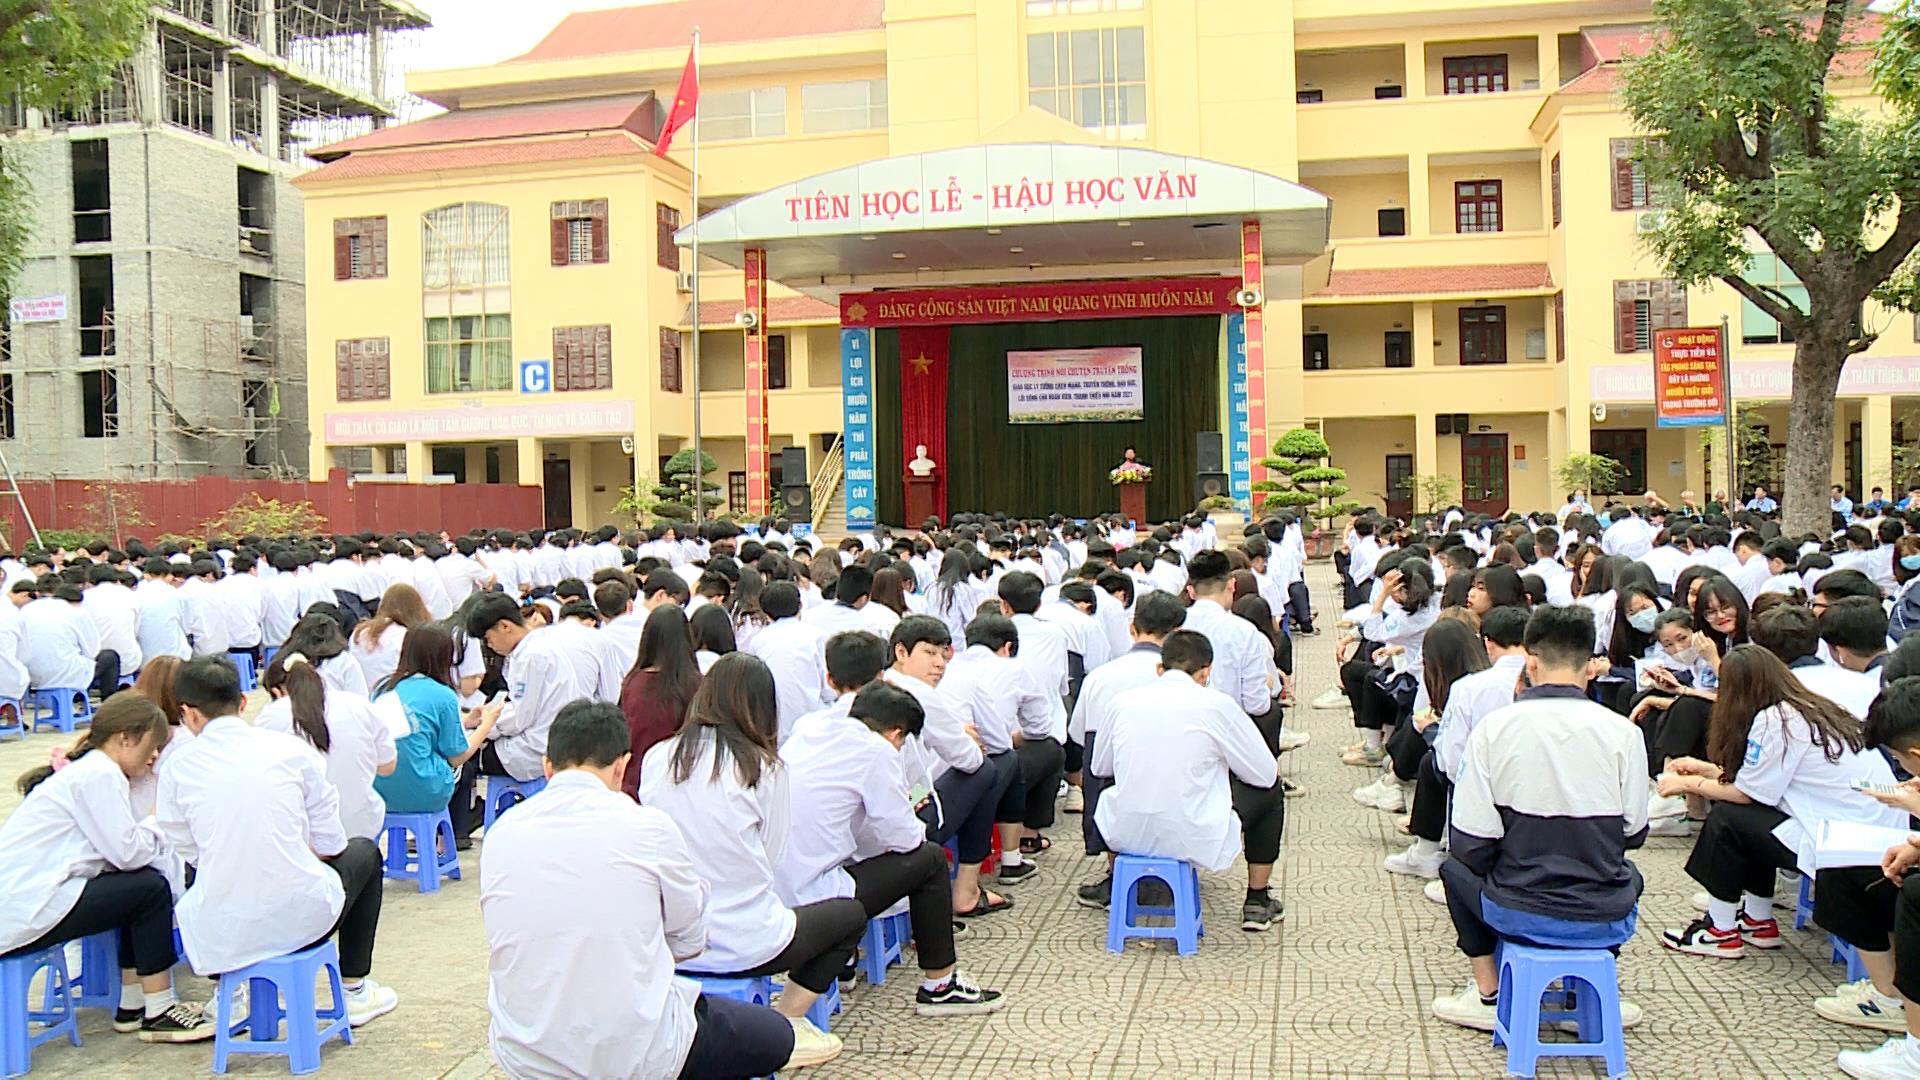 Giáo dục truyền thống cách mạng cho học sinh